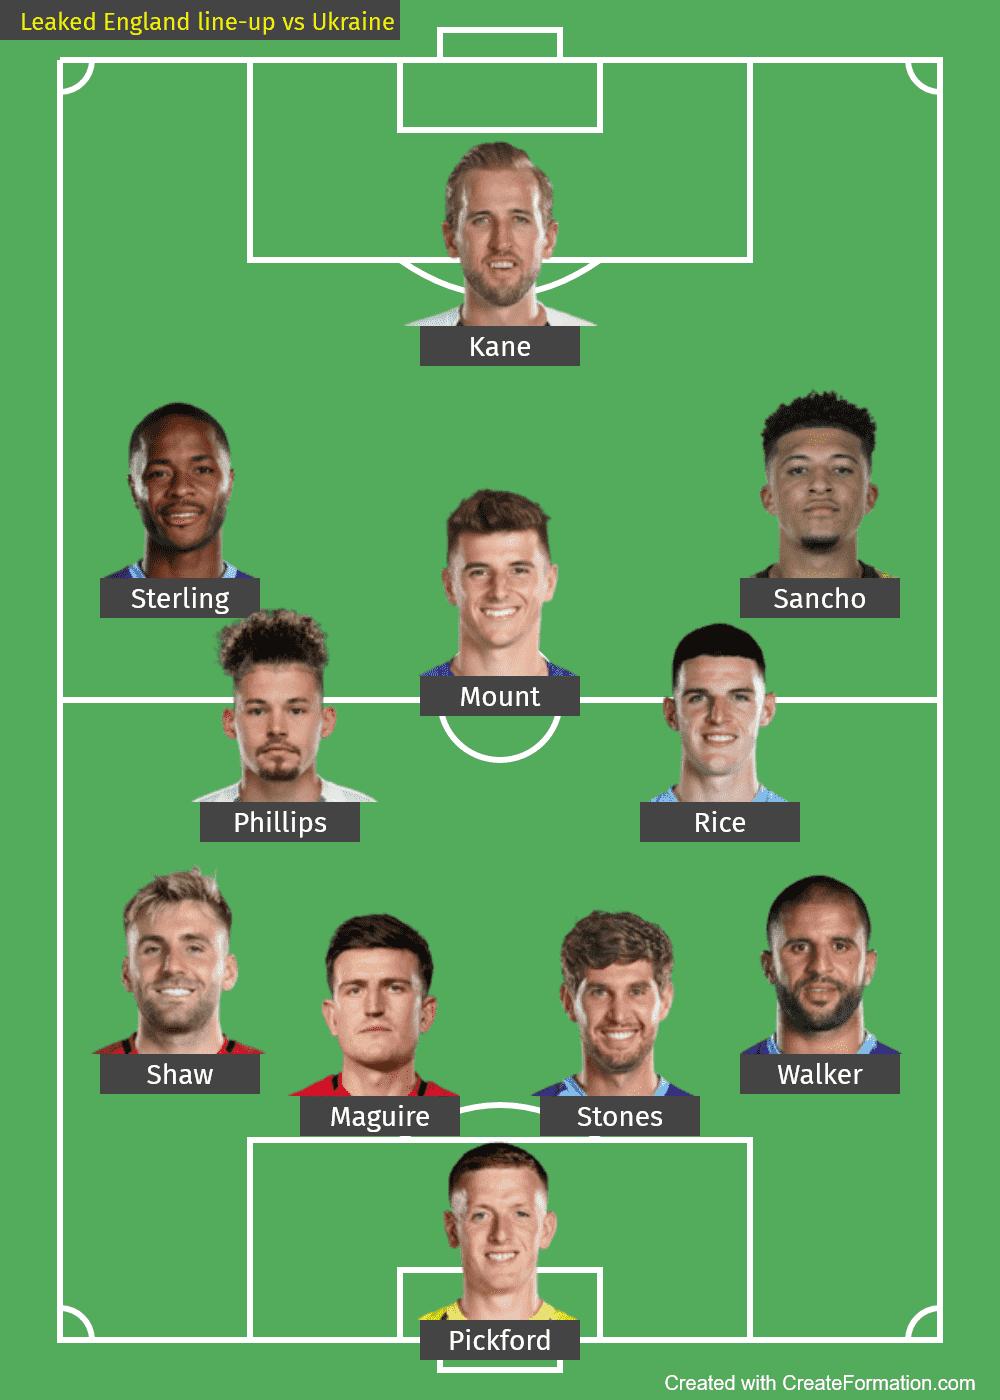 Leaked England line-up vs Ukraine